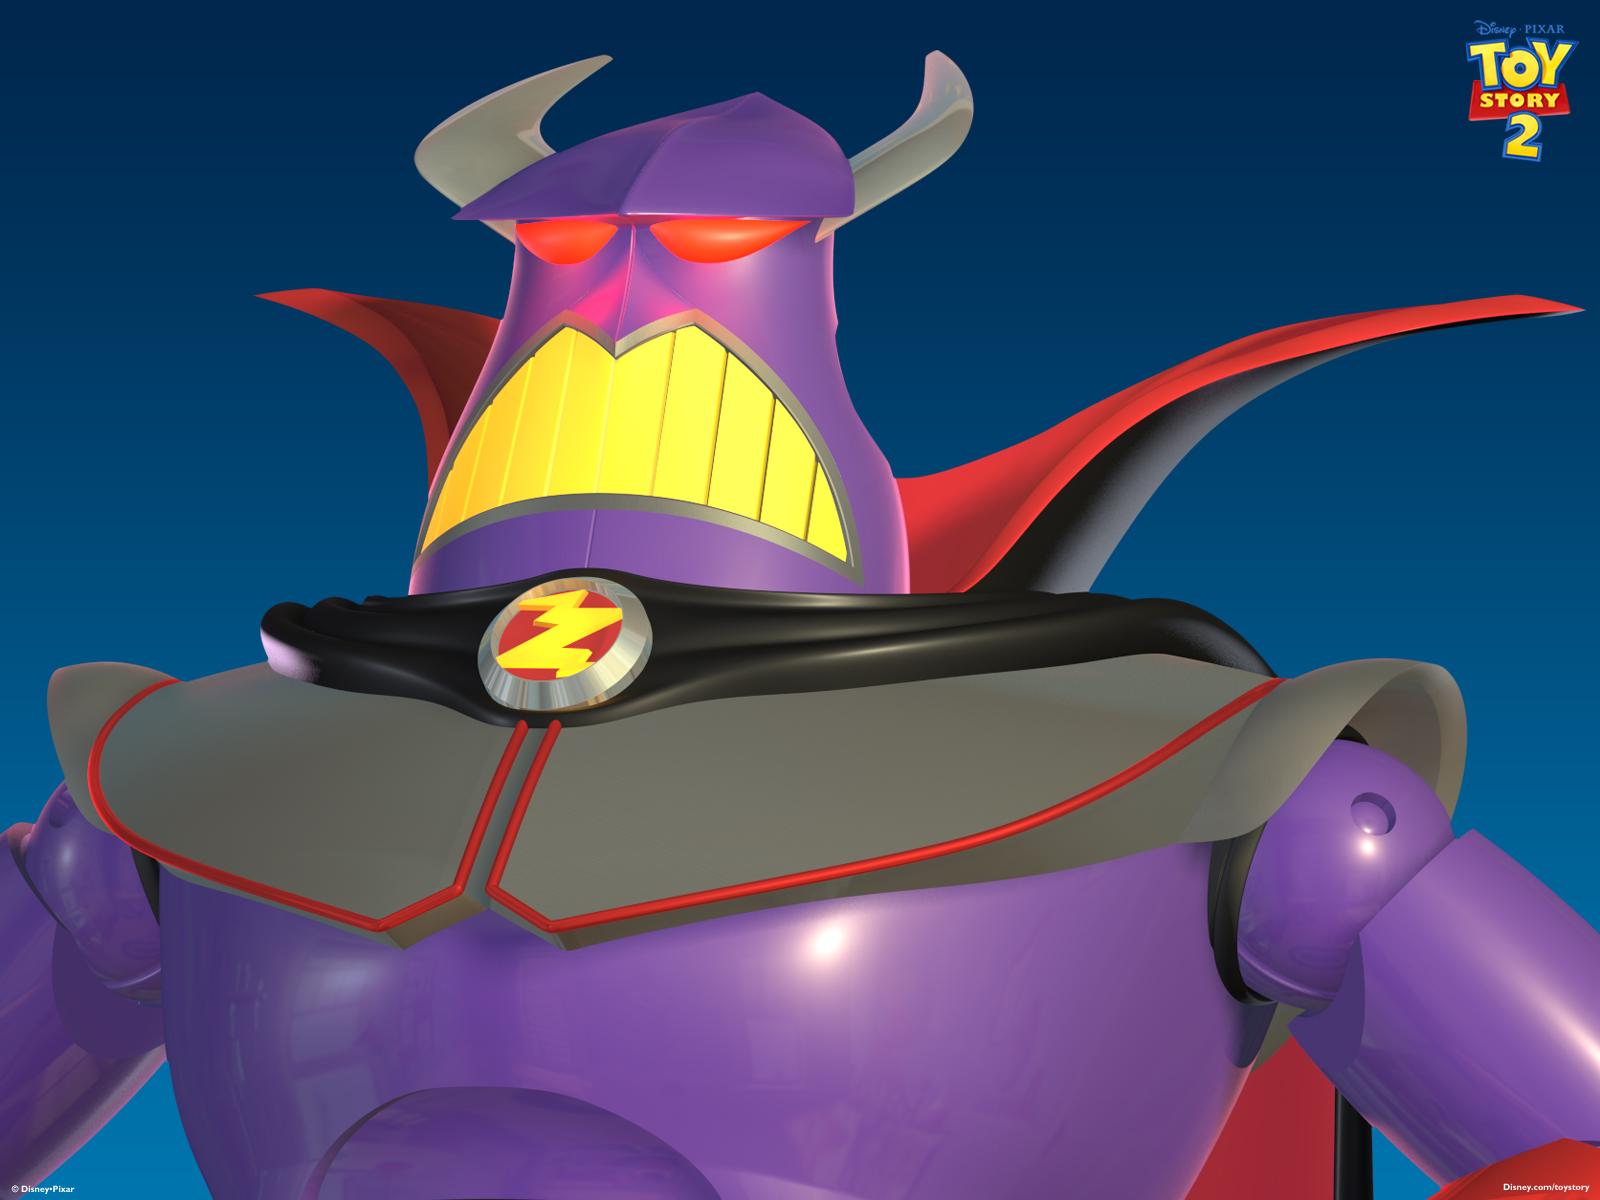 จักรพรรดิเซิร์ค จาก Toy Story